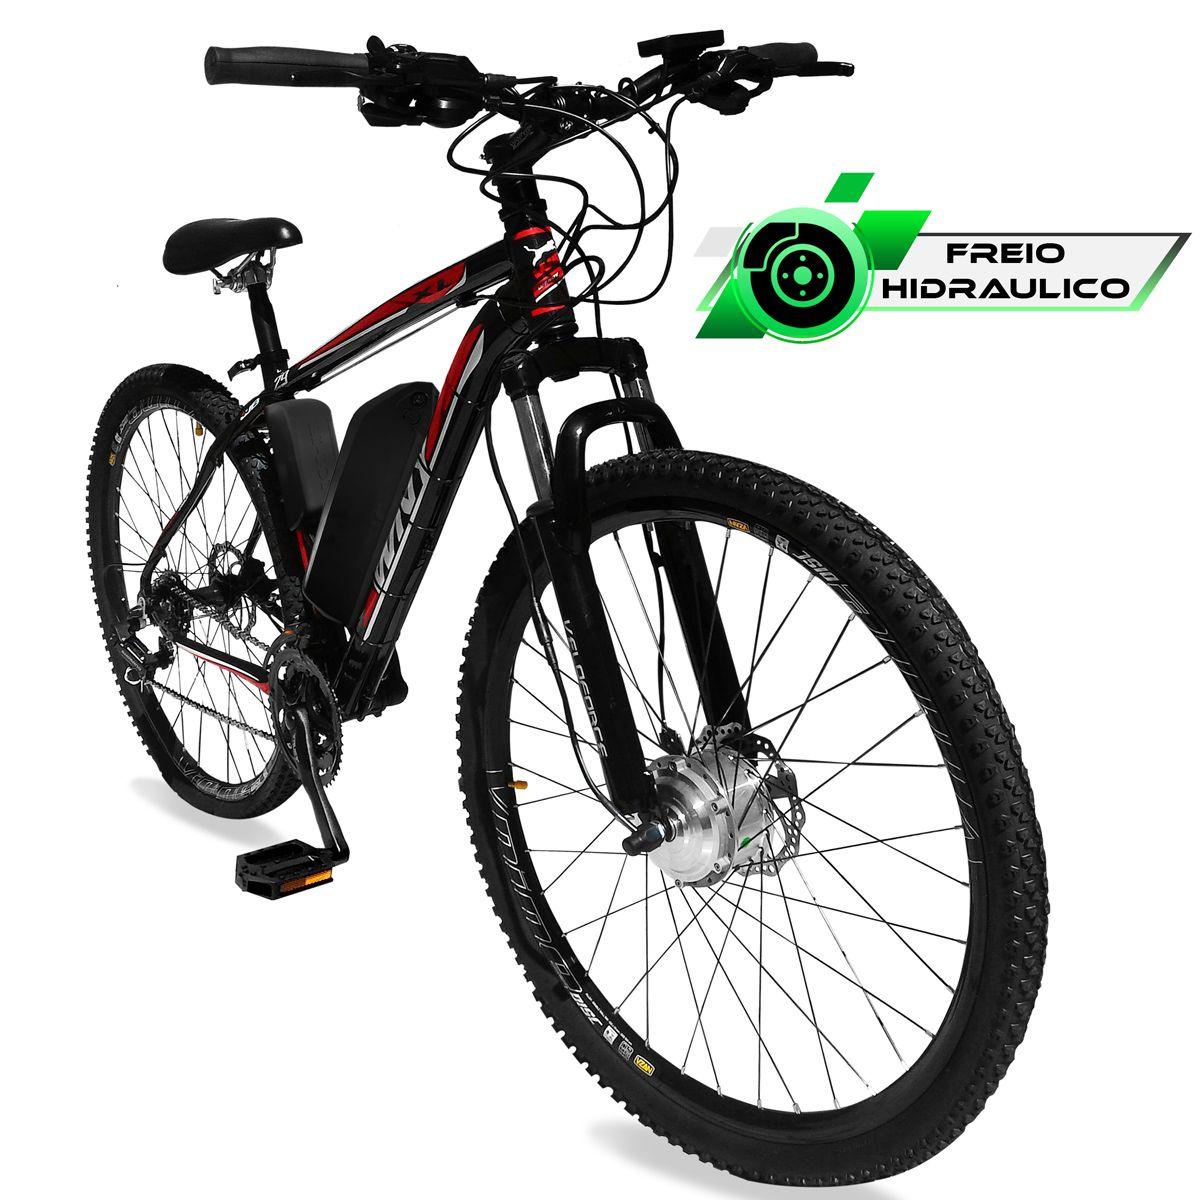 Bicicleta Elétrica Aro 29 Alumínio Bateria de Litio TecUltra - 500 watts - Freio Hidráulico